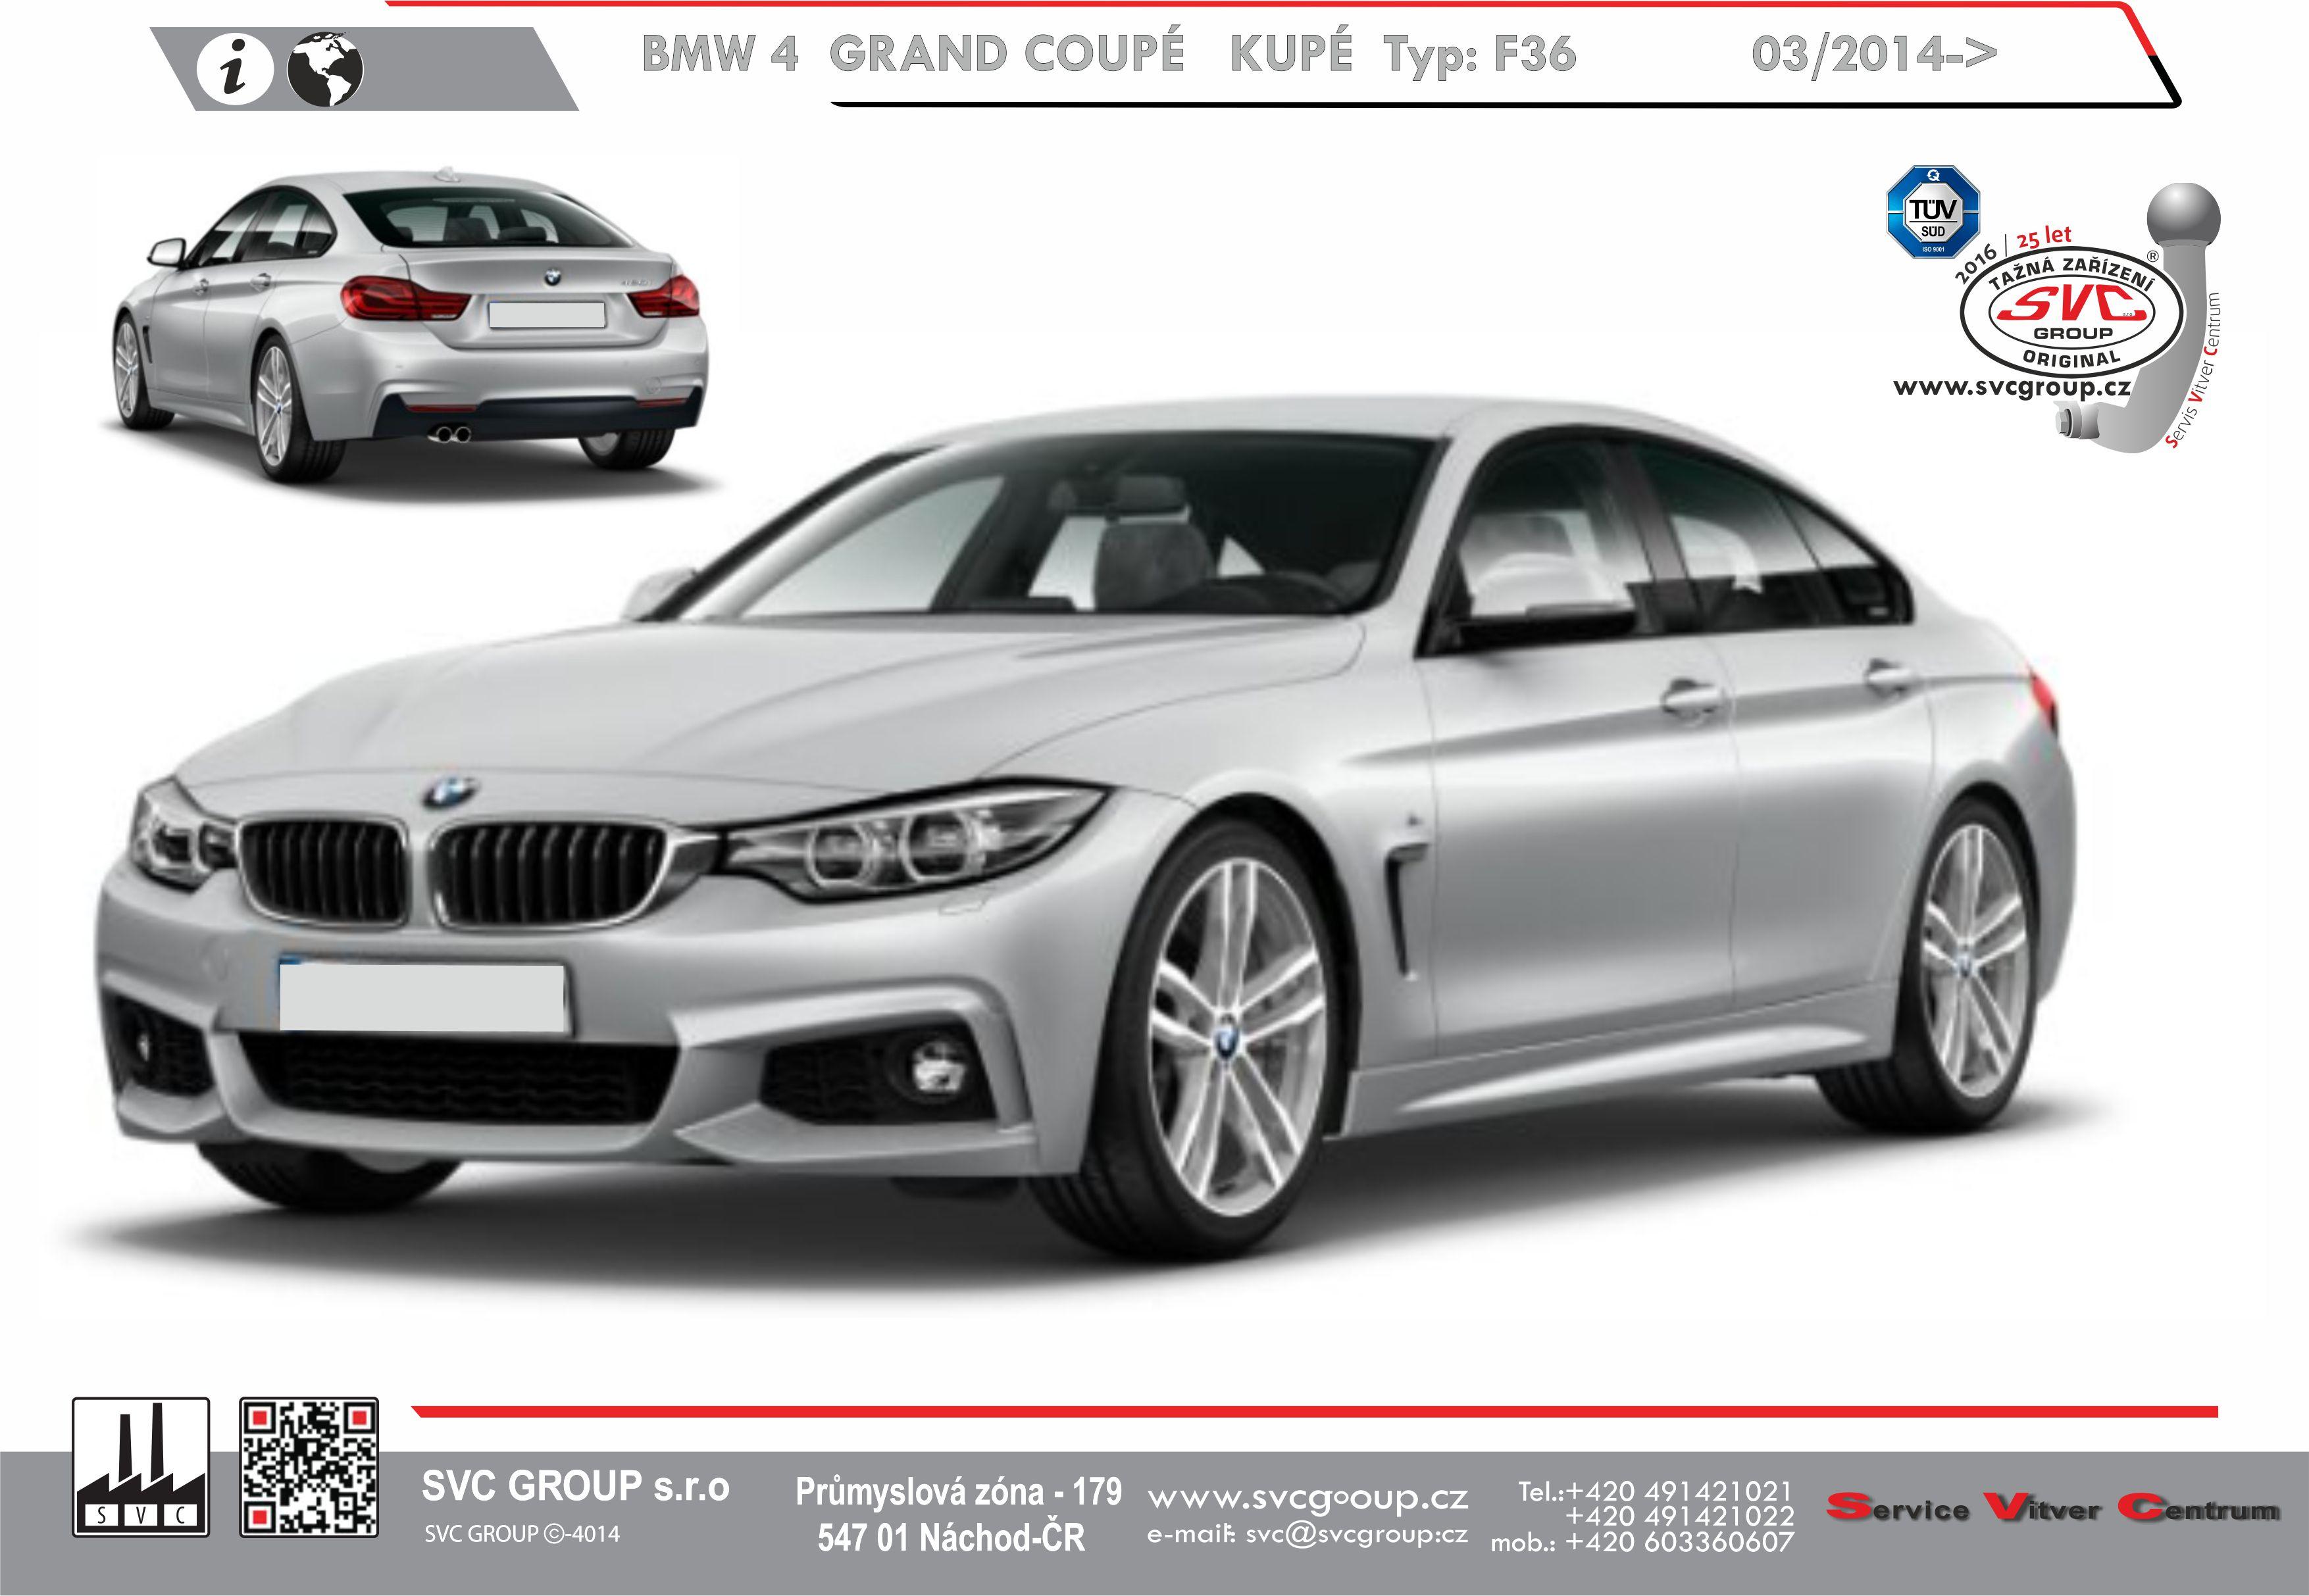 BMW 4 Série Grand Kupé